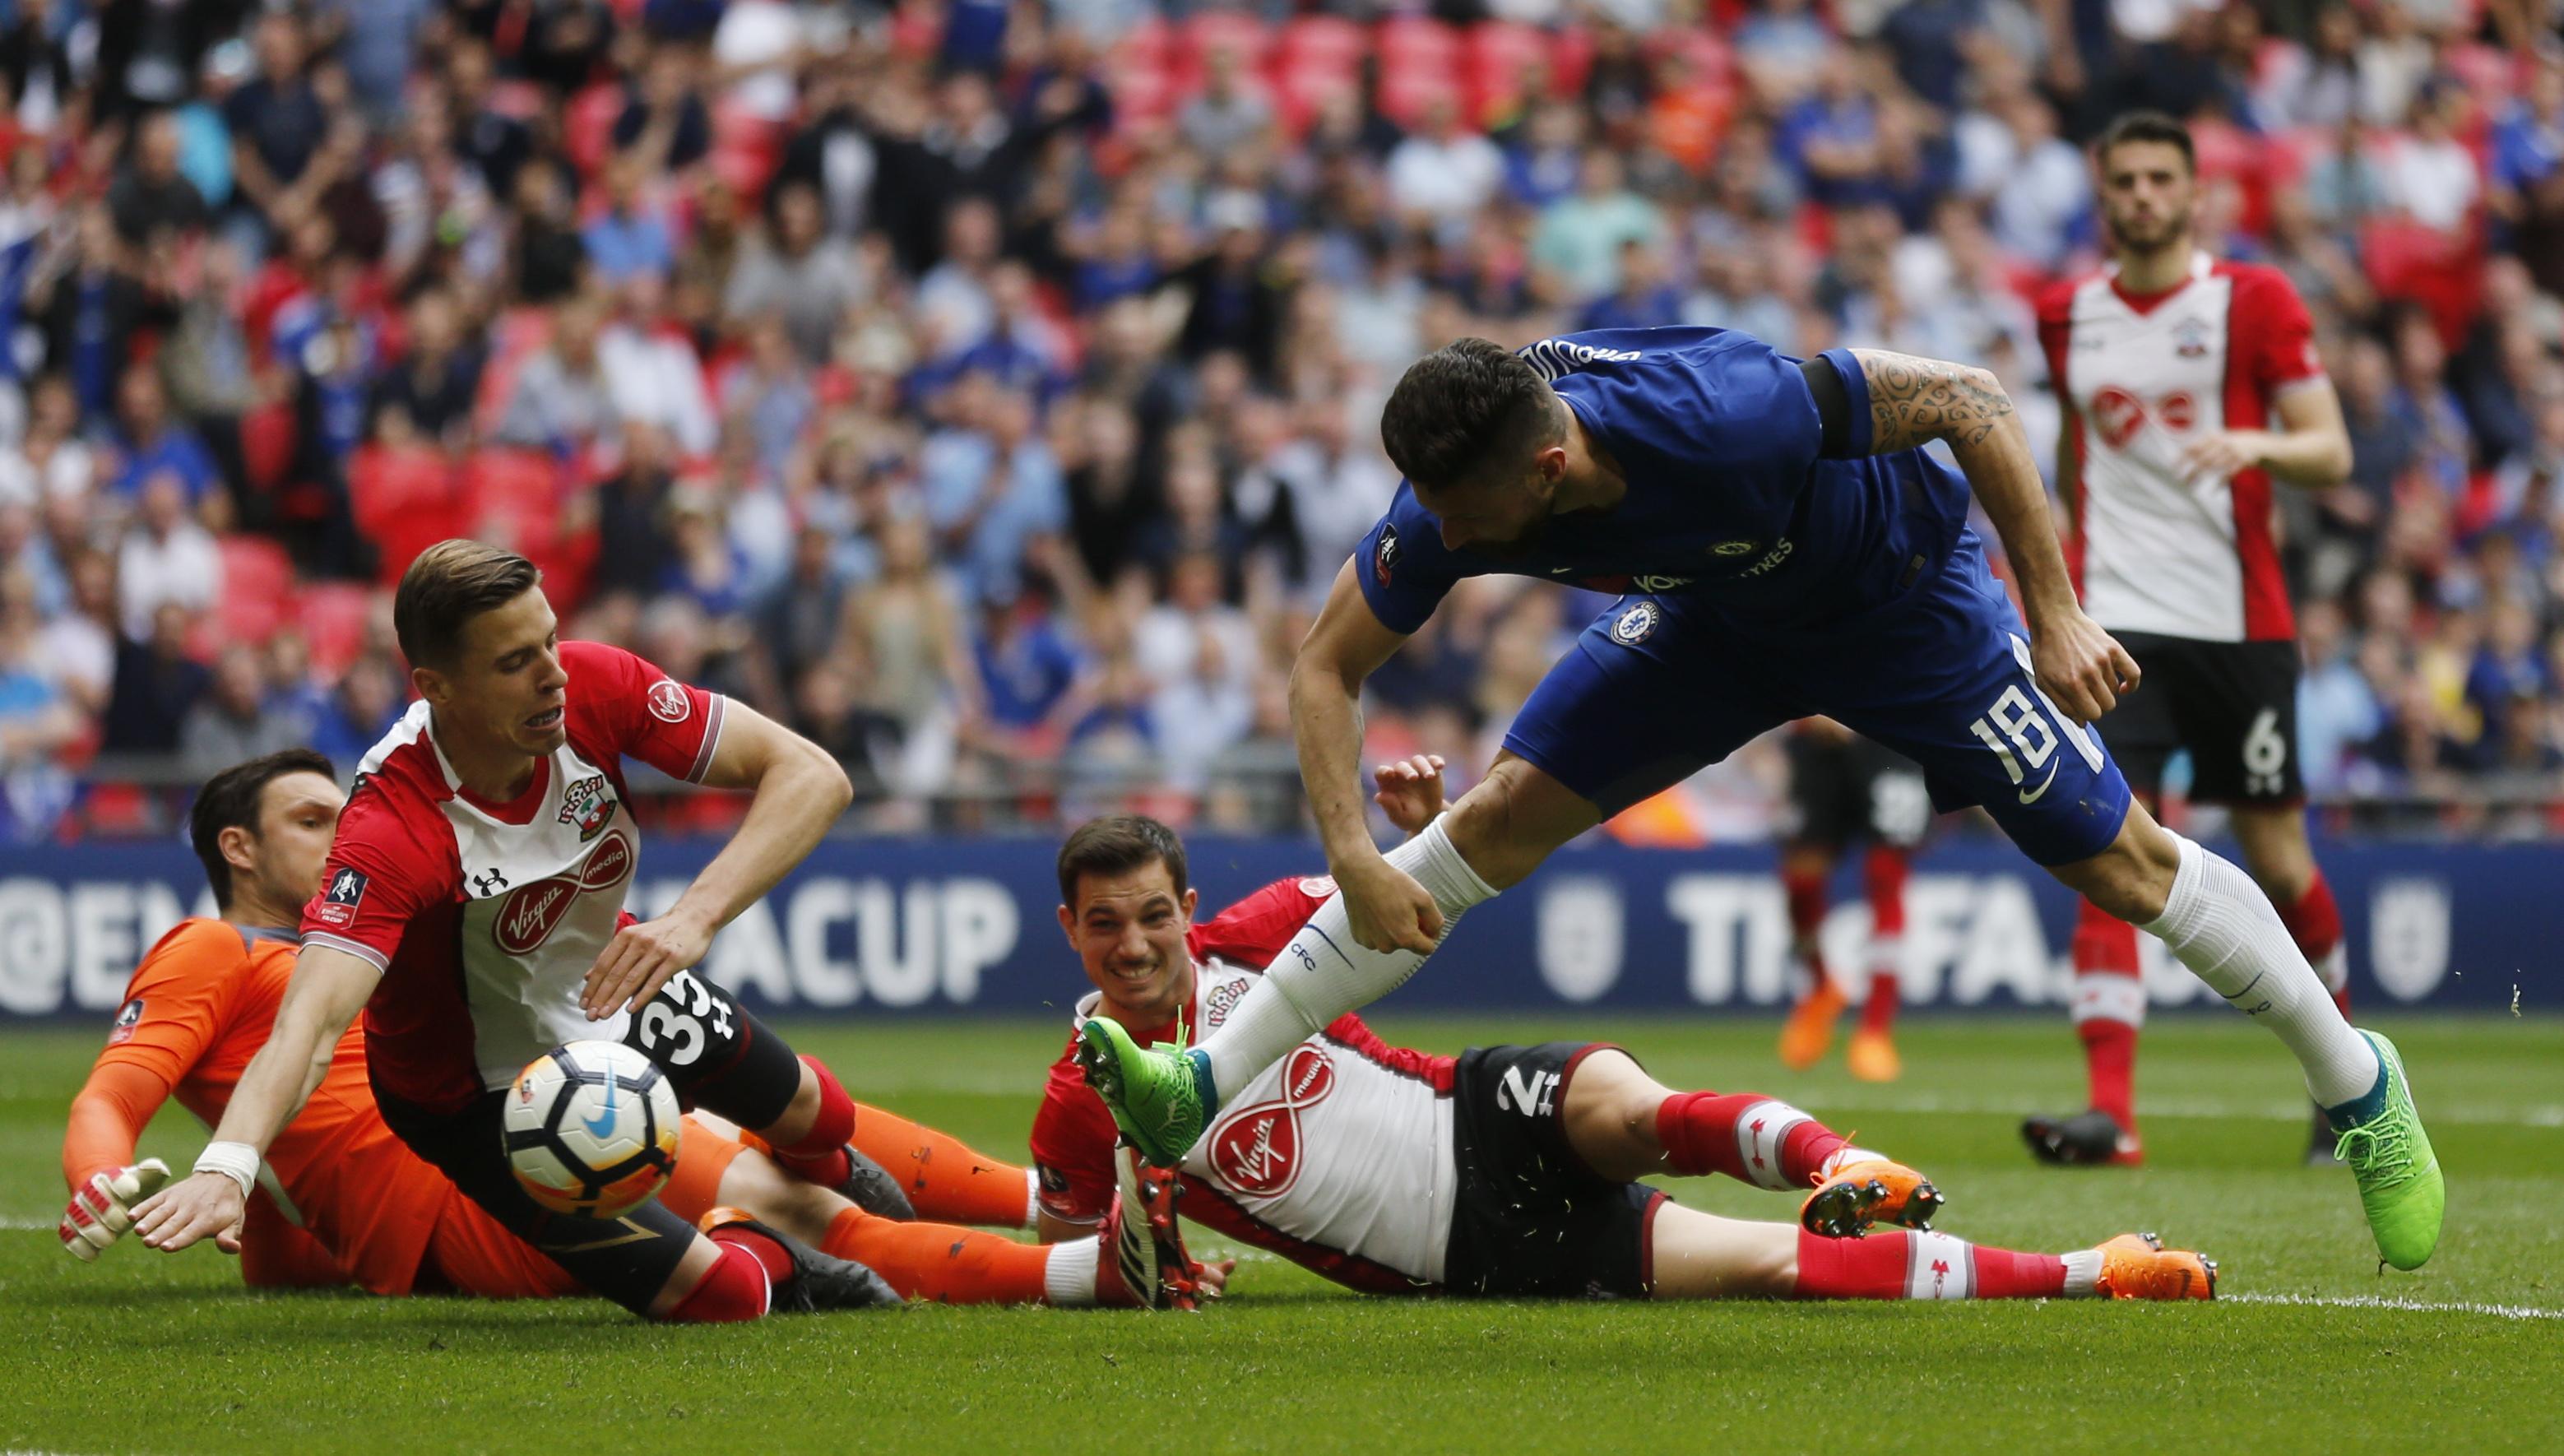 Football - Etranger - Le dribble fou de Giroud face à quatre défenseurs (vidéo)